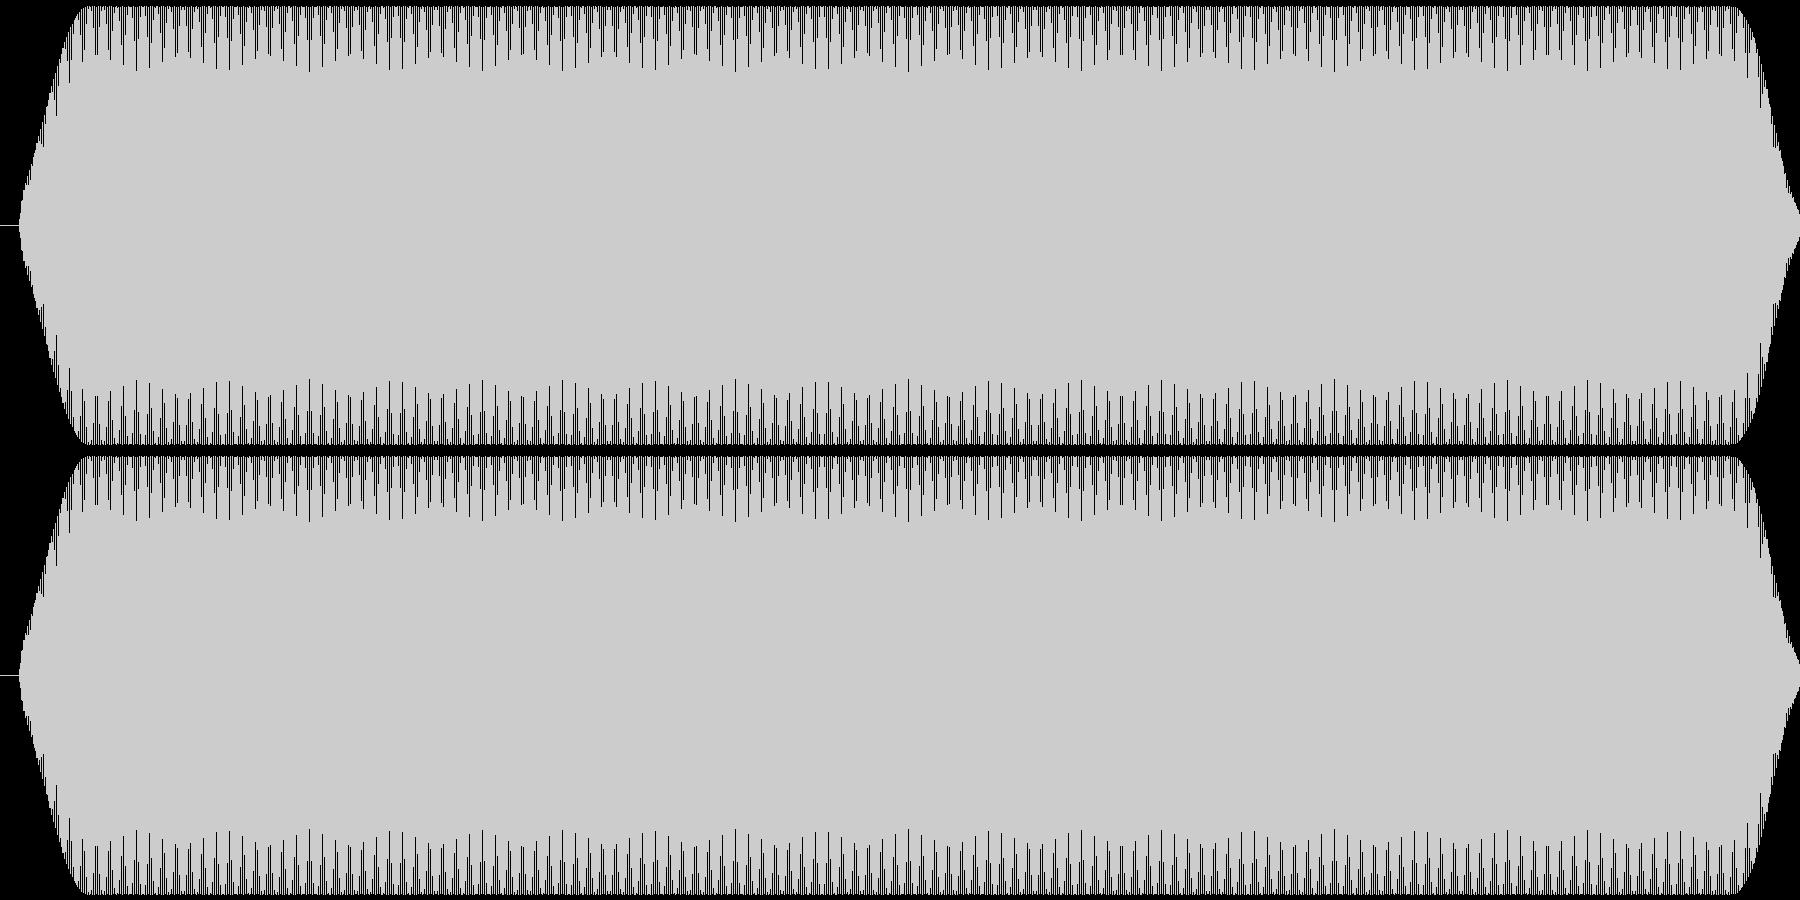 ピー音 自主規制音 (約0.5秒)の未再生の波形